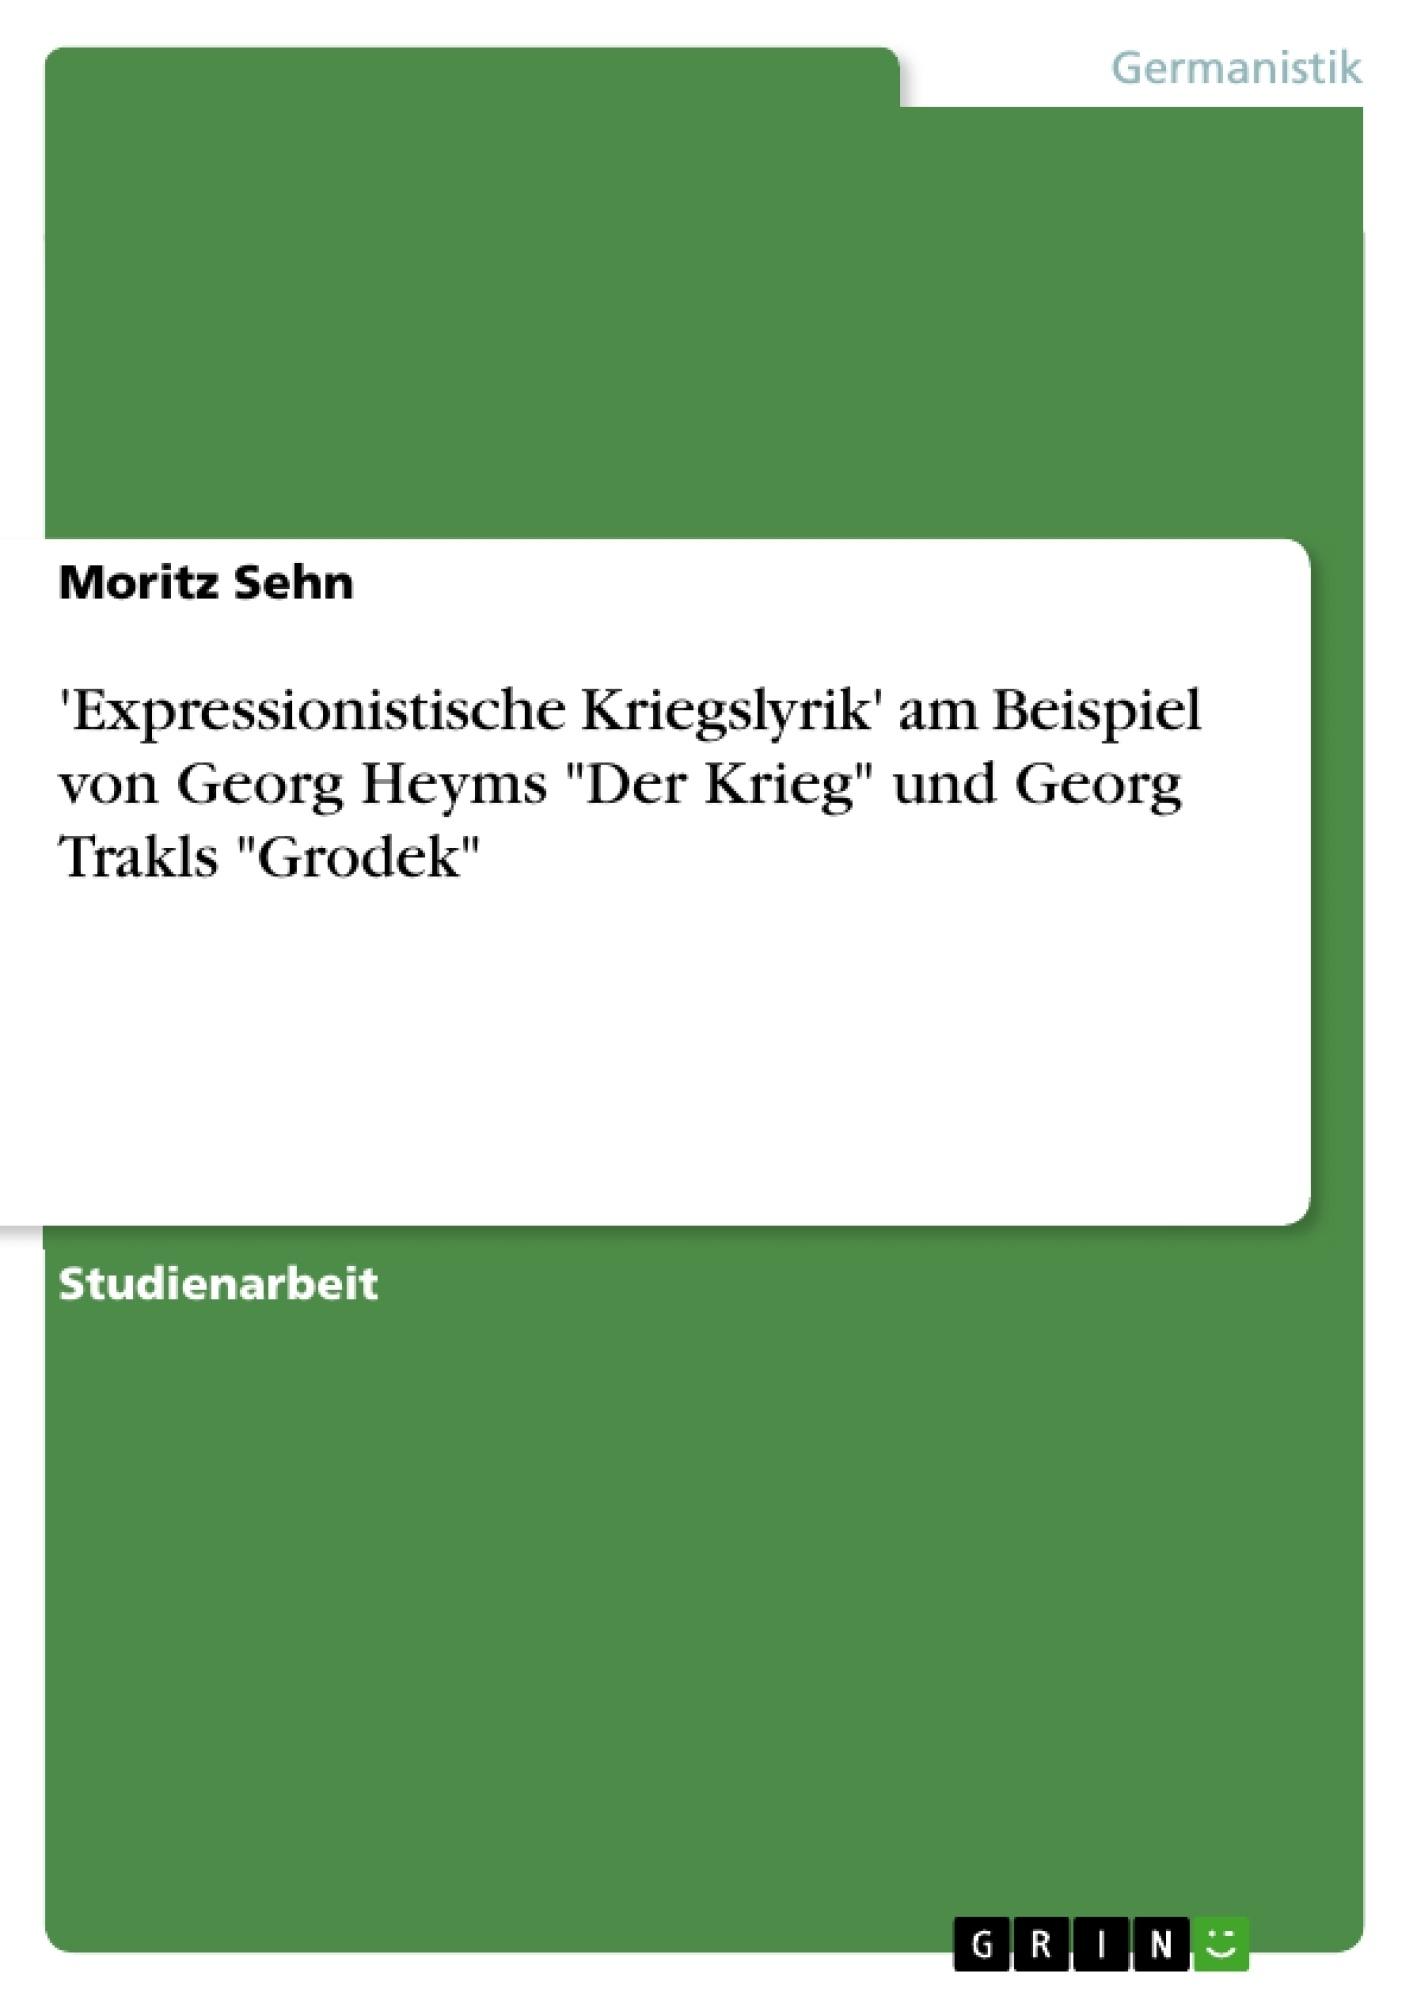 """Titel: 'Expressionistische Kriegslyrik' am Beispiel von Georg Heyms """"Der Krieg"""" und Georg Trakls """"Grodek"""""""